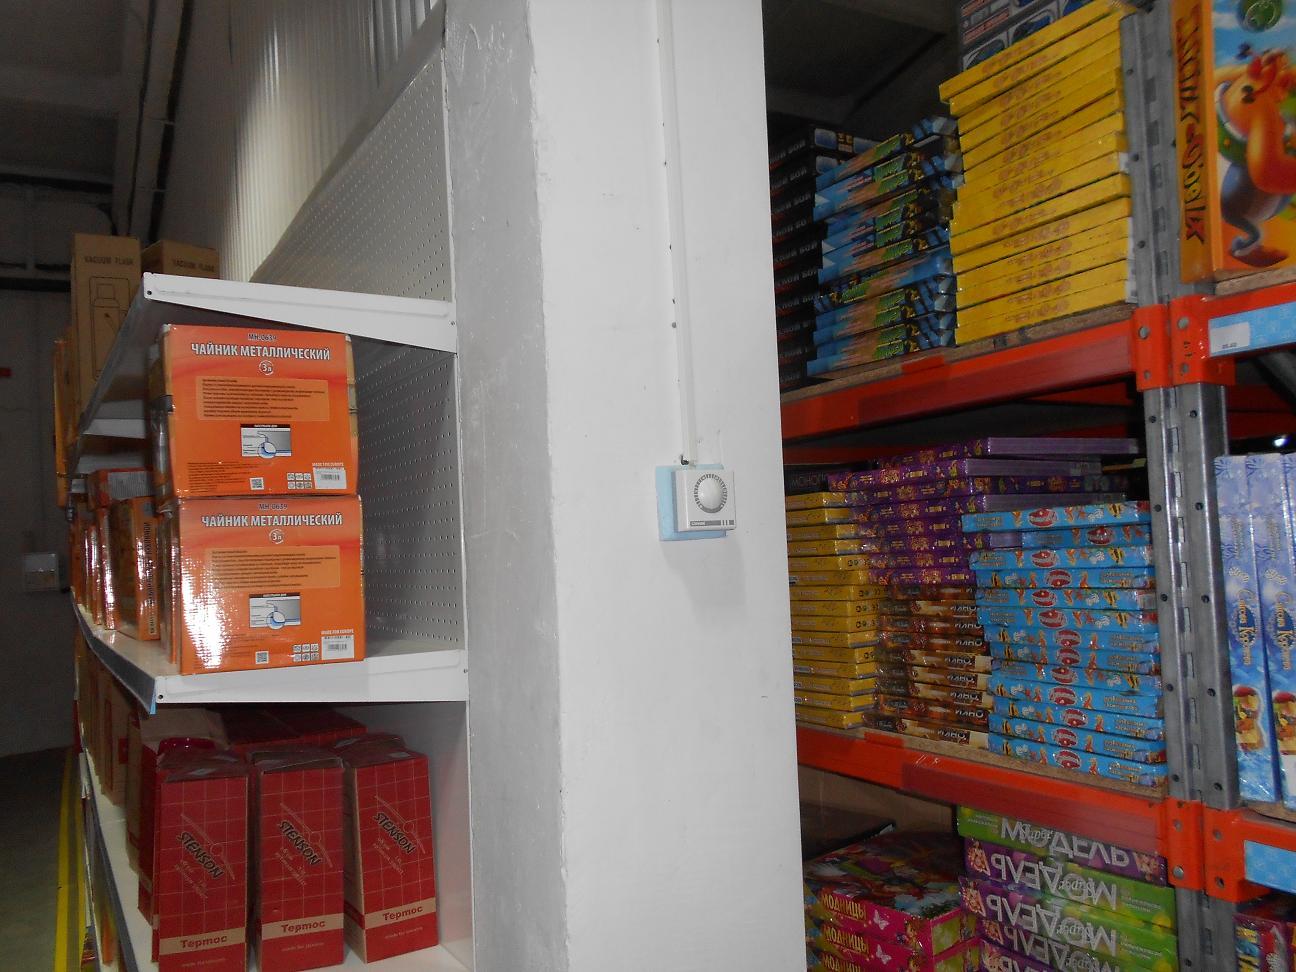 потолочное отопление складского помещения электричеством